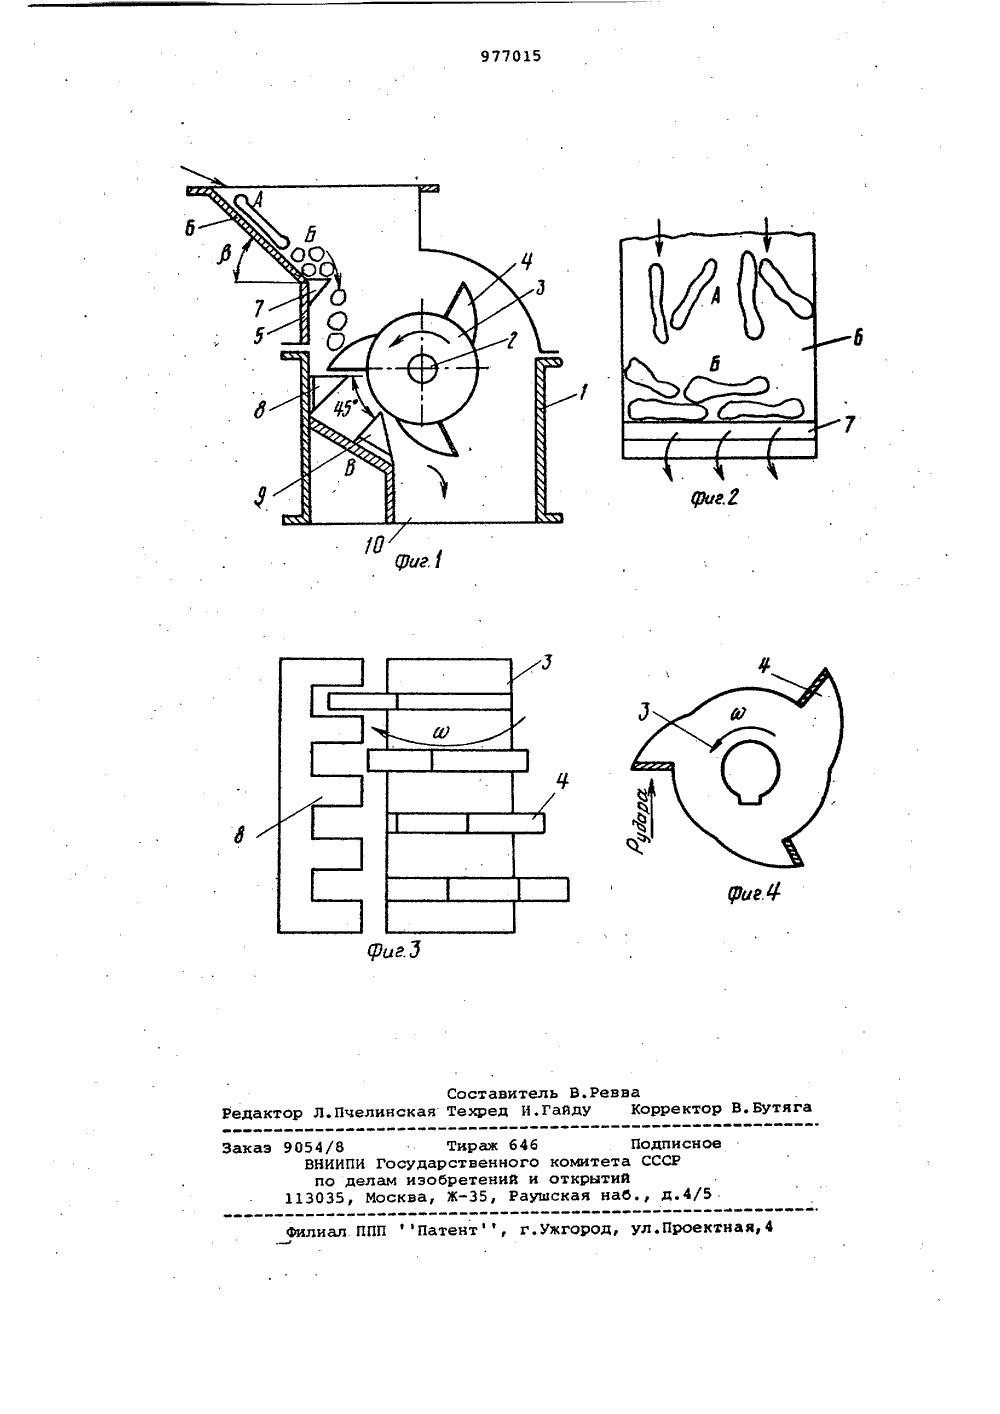 Стружкодробилка св-5 б/у самоходная дробилка fintex 1080